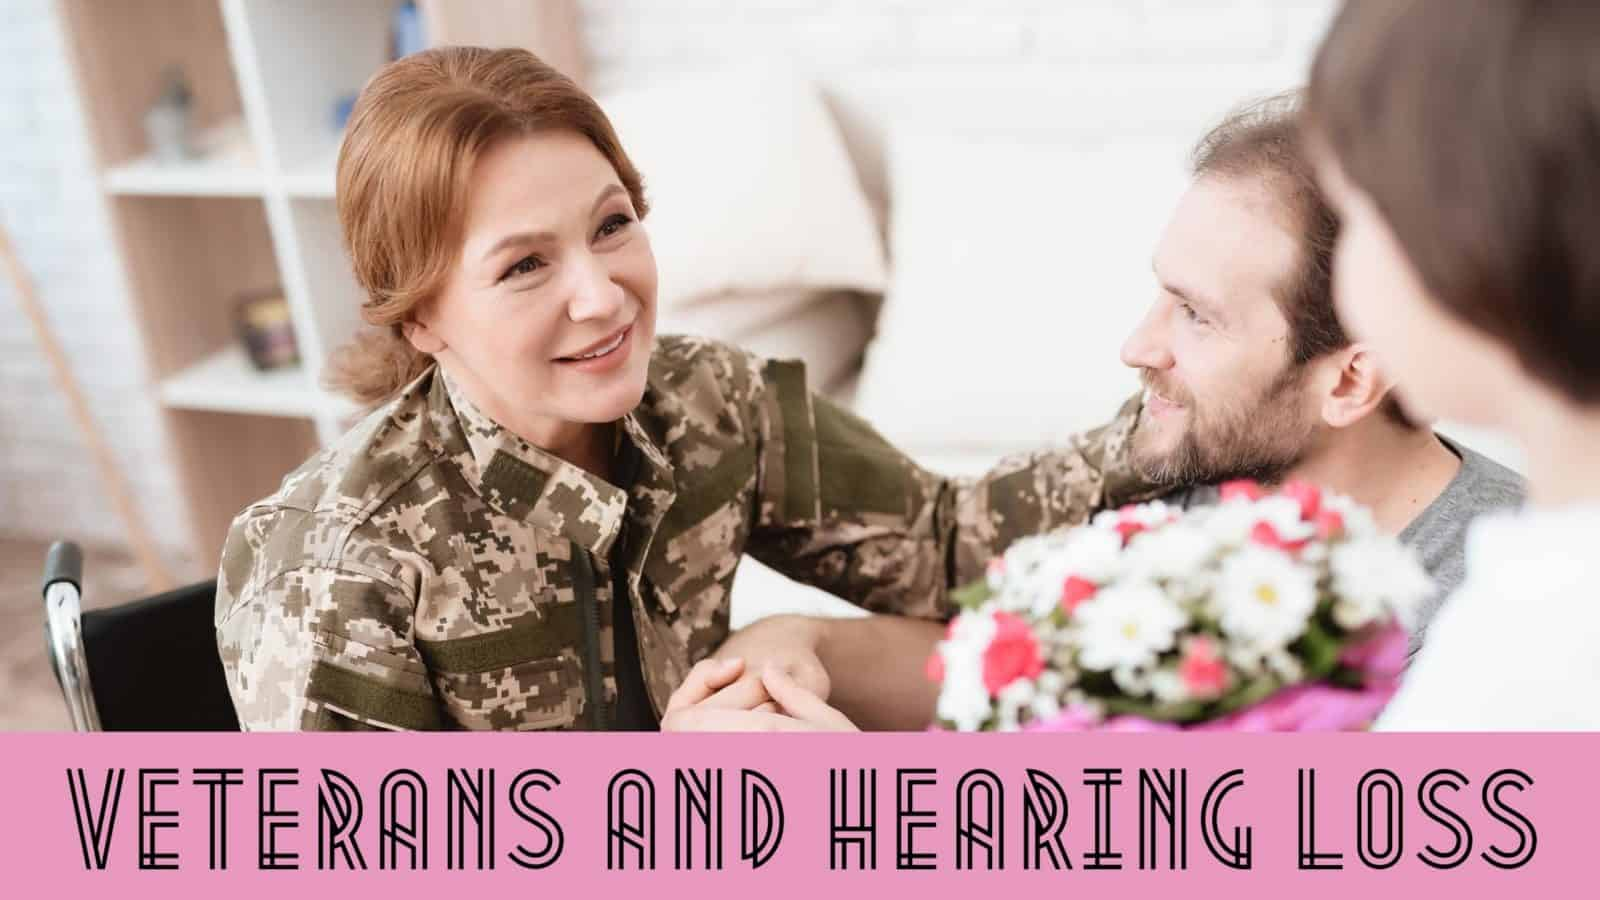 Veterans-and-Hearing-Loss2